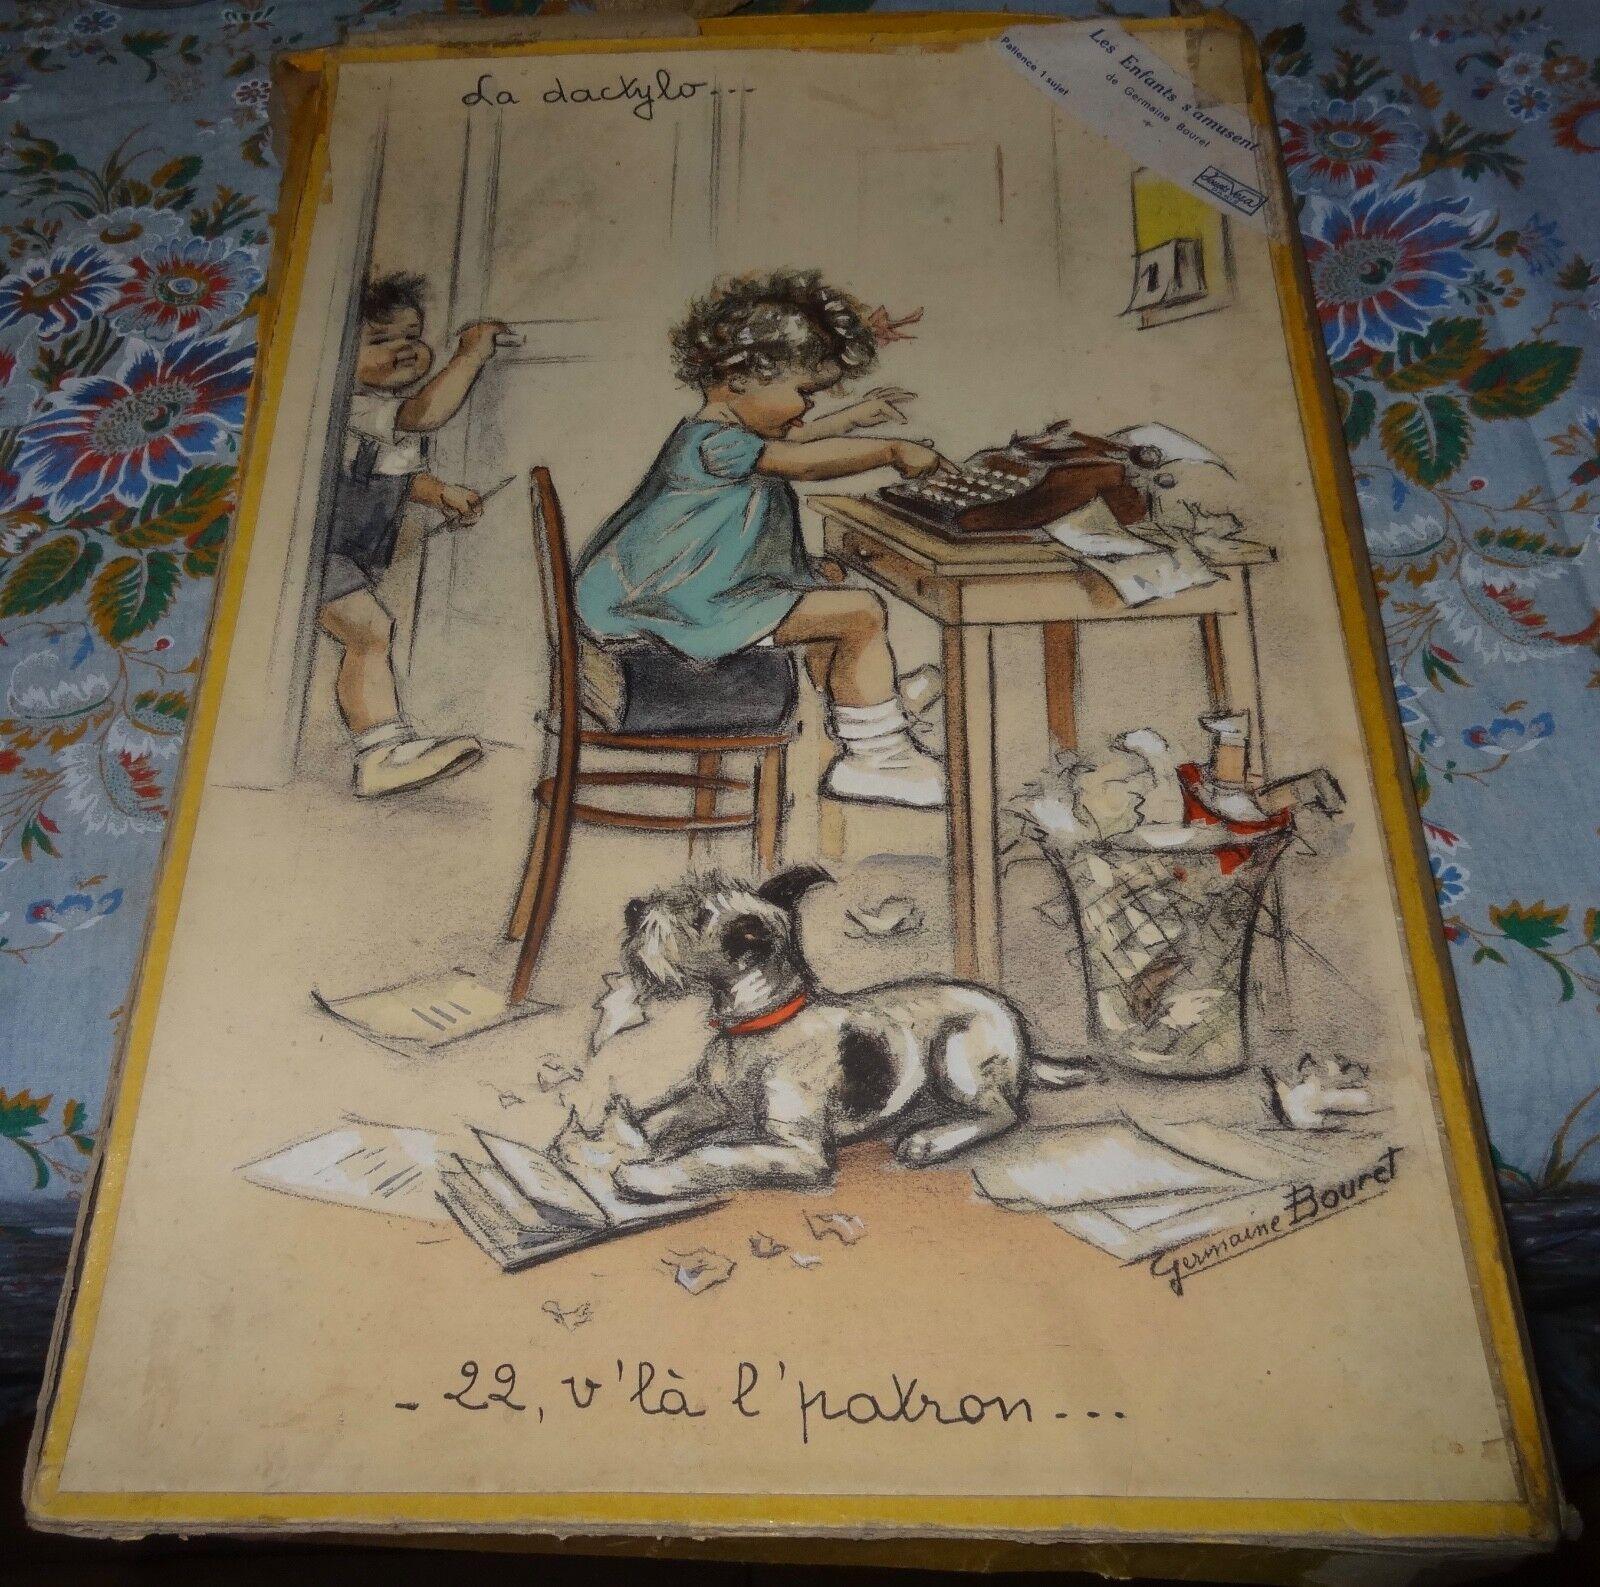 Grand puzzle Germaine Bouret jouets vera Paris la dactylo